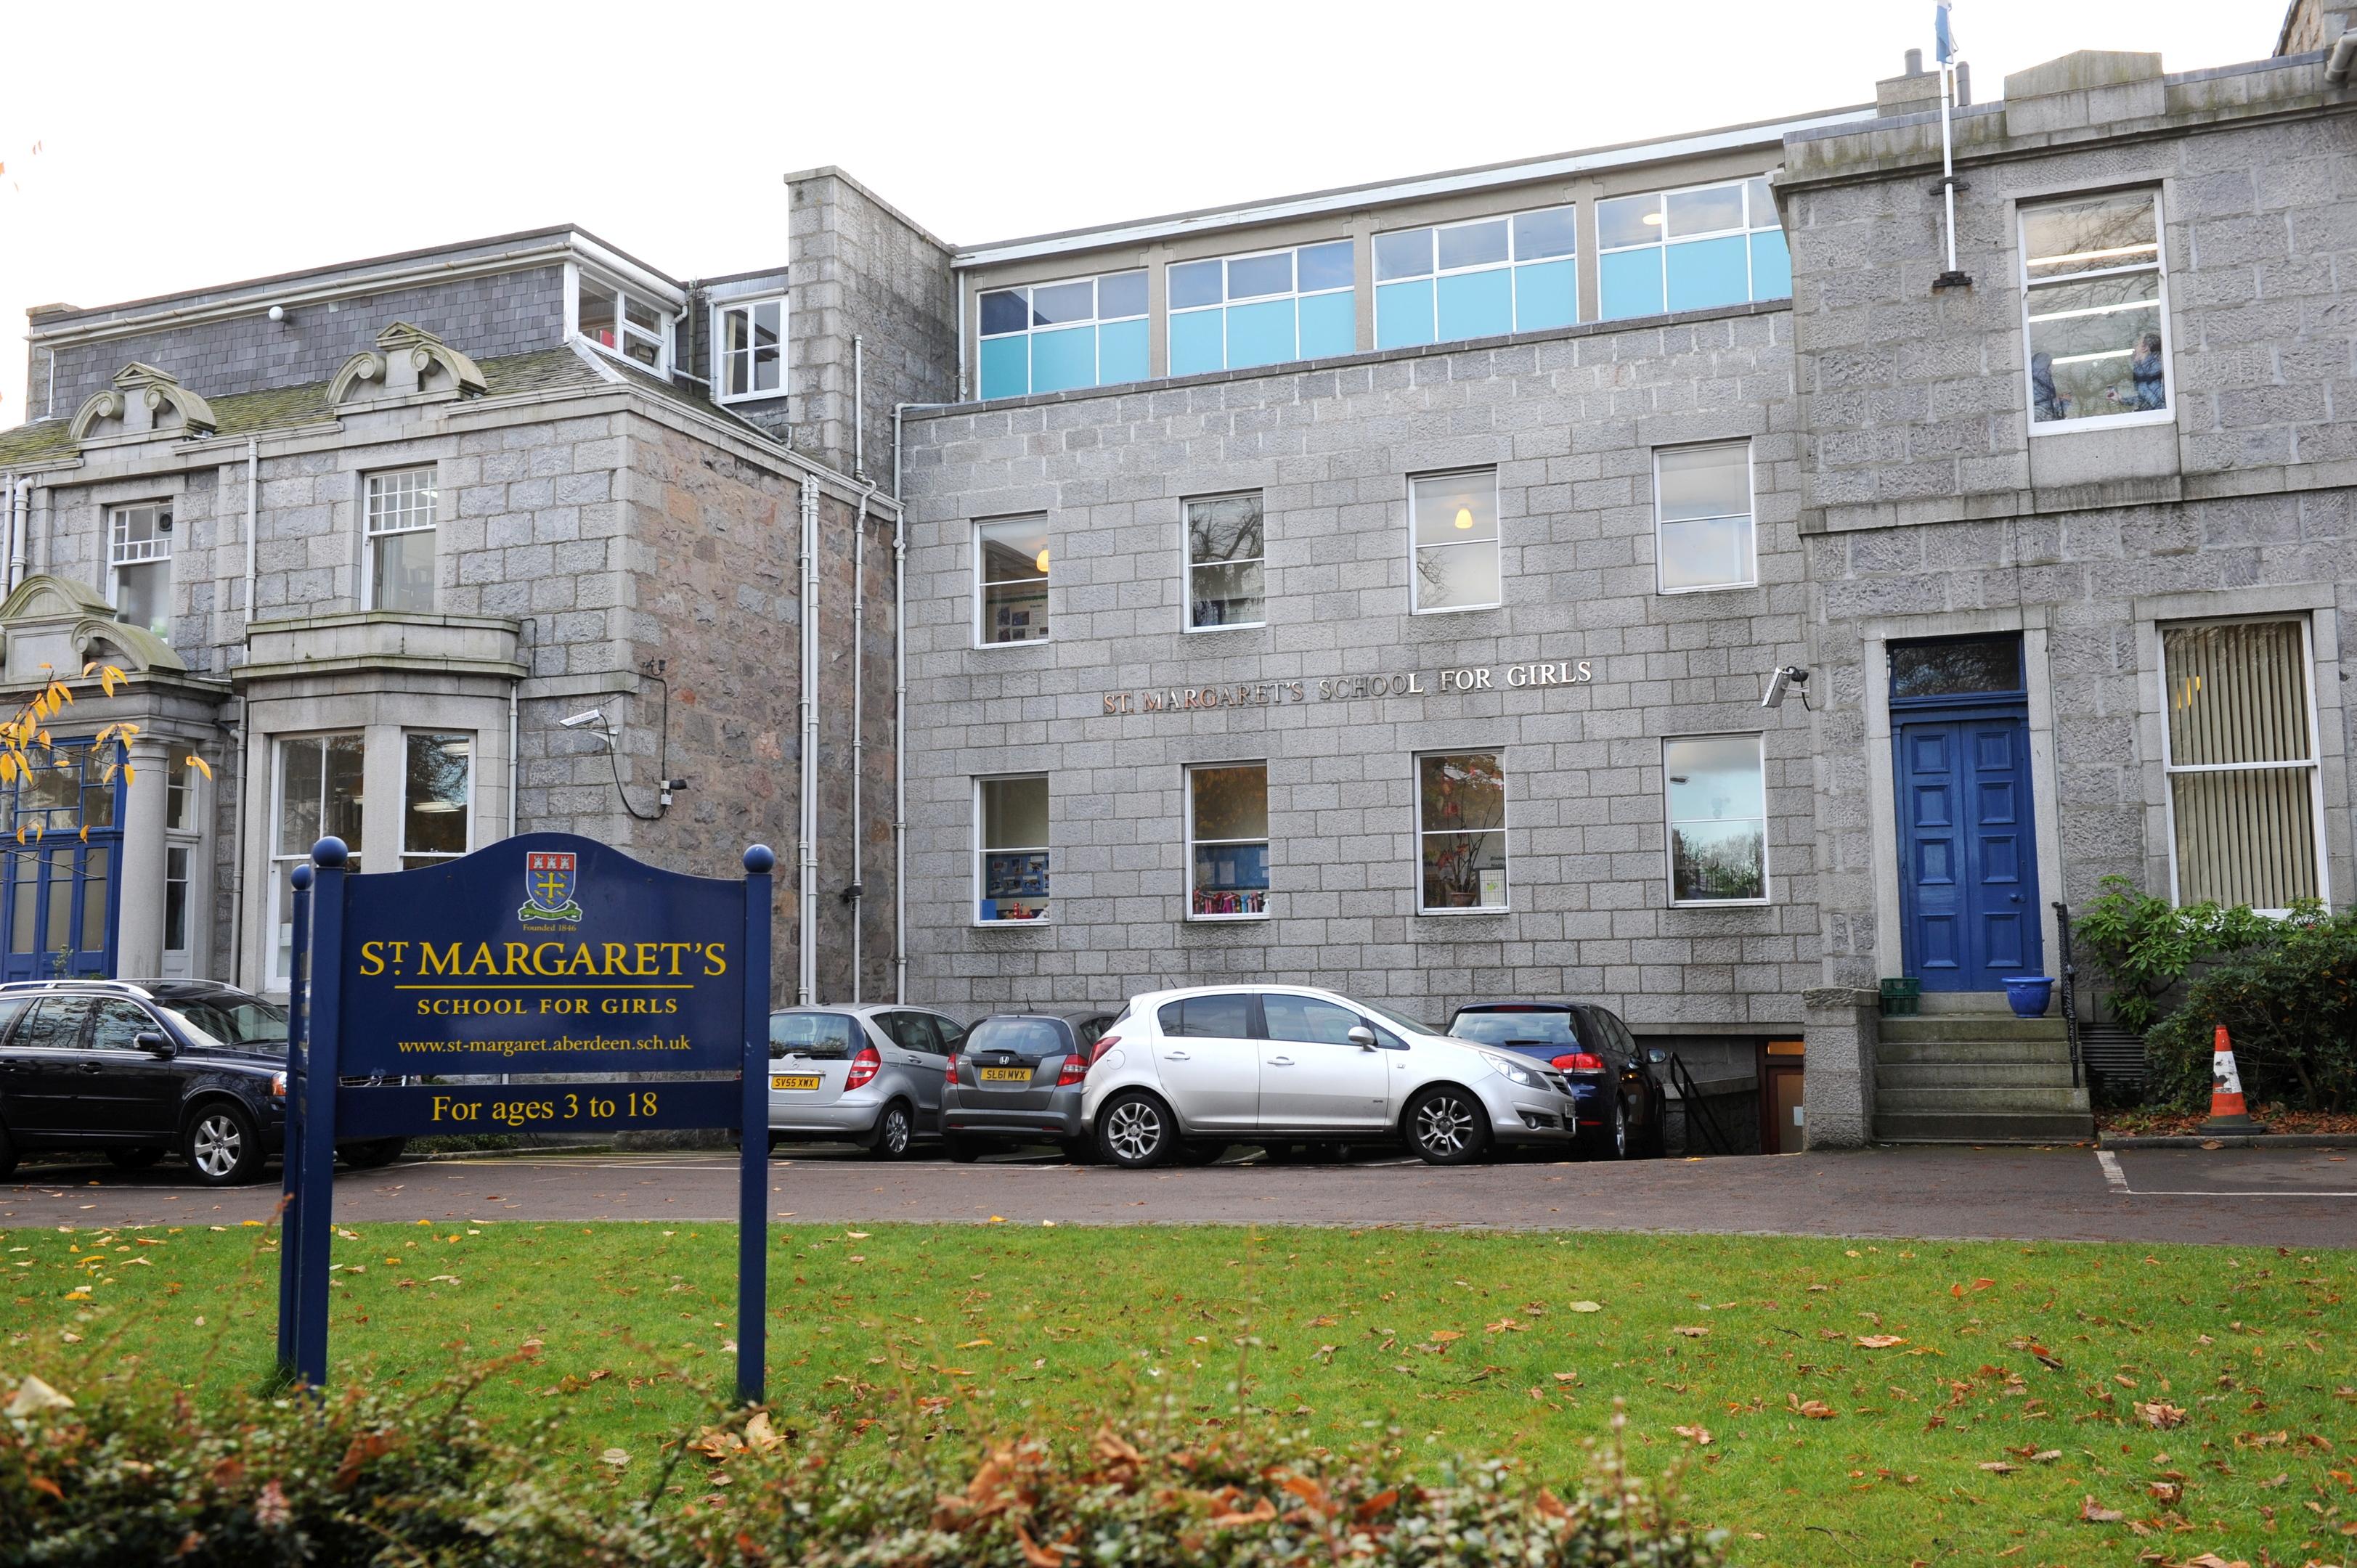 St Margaret's School for Girls.